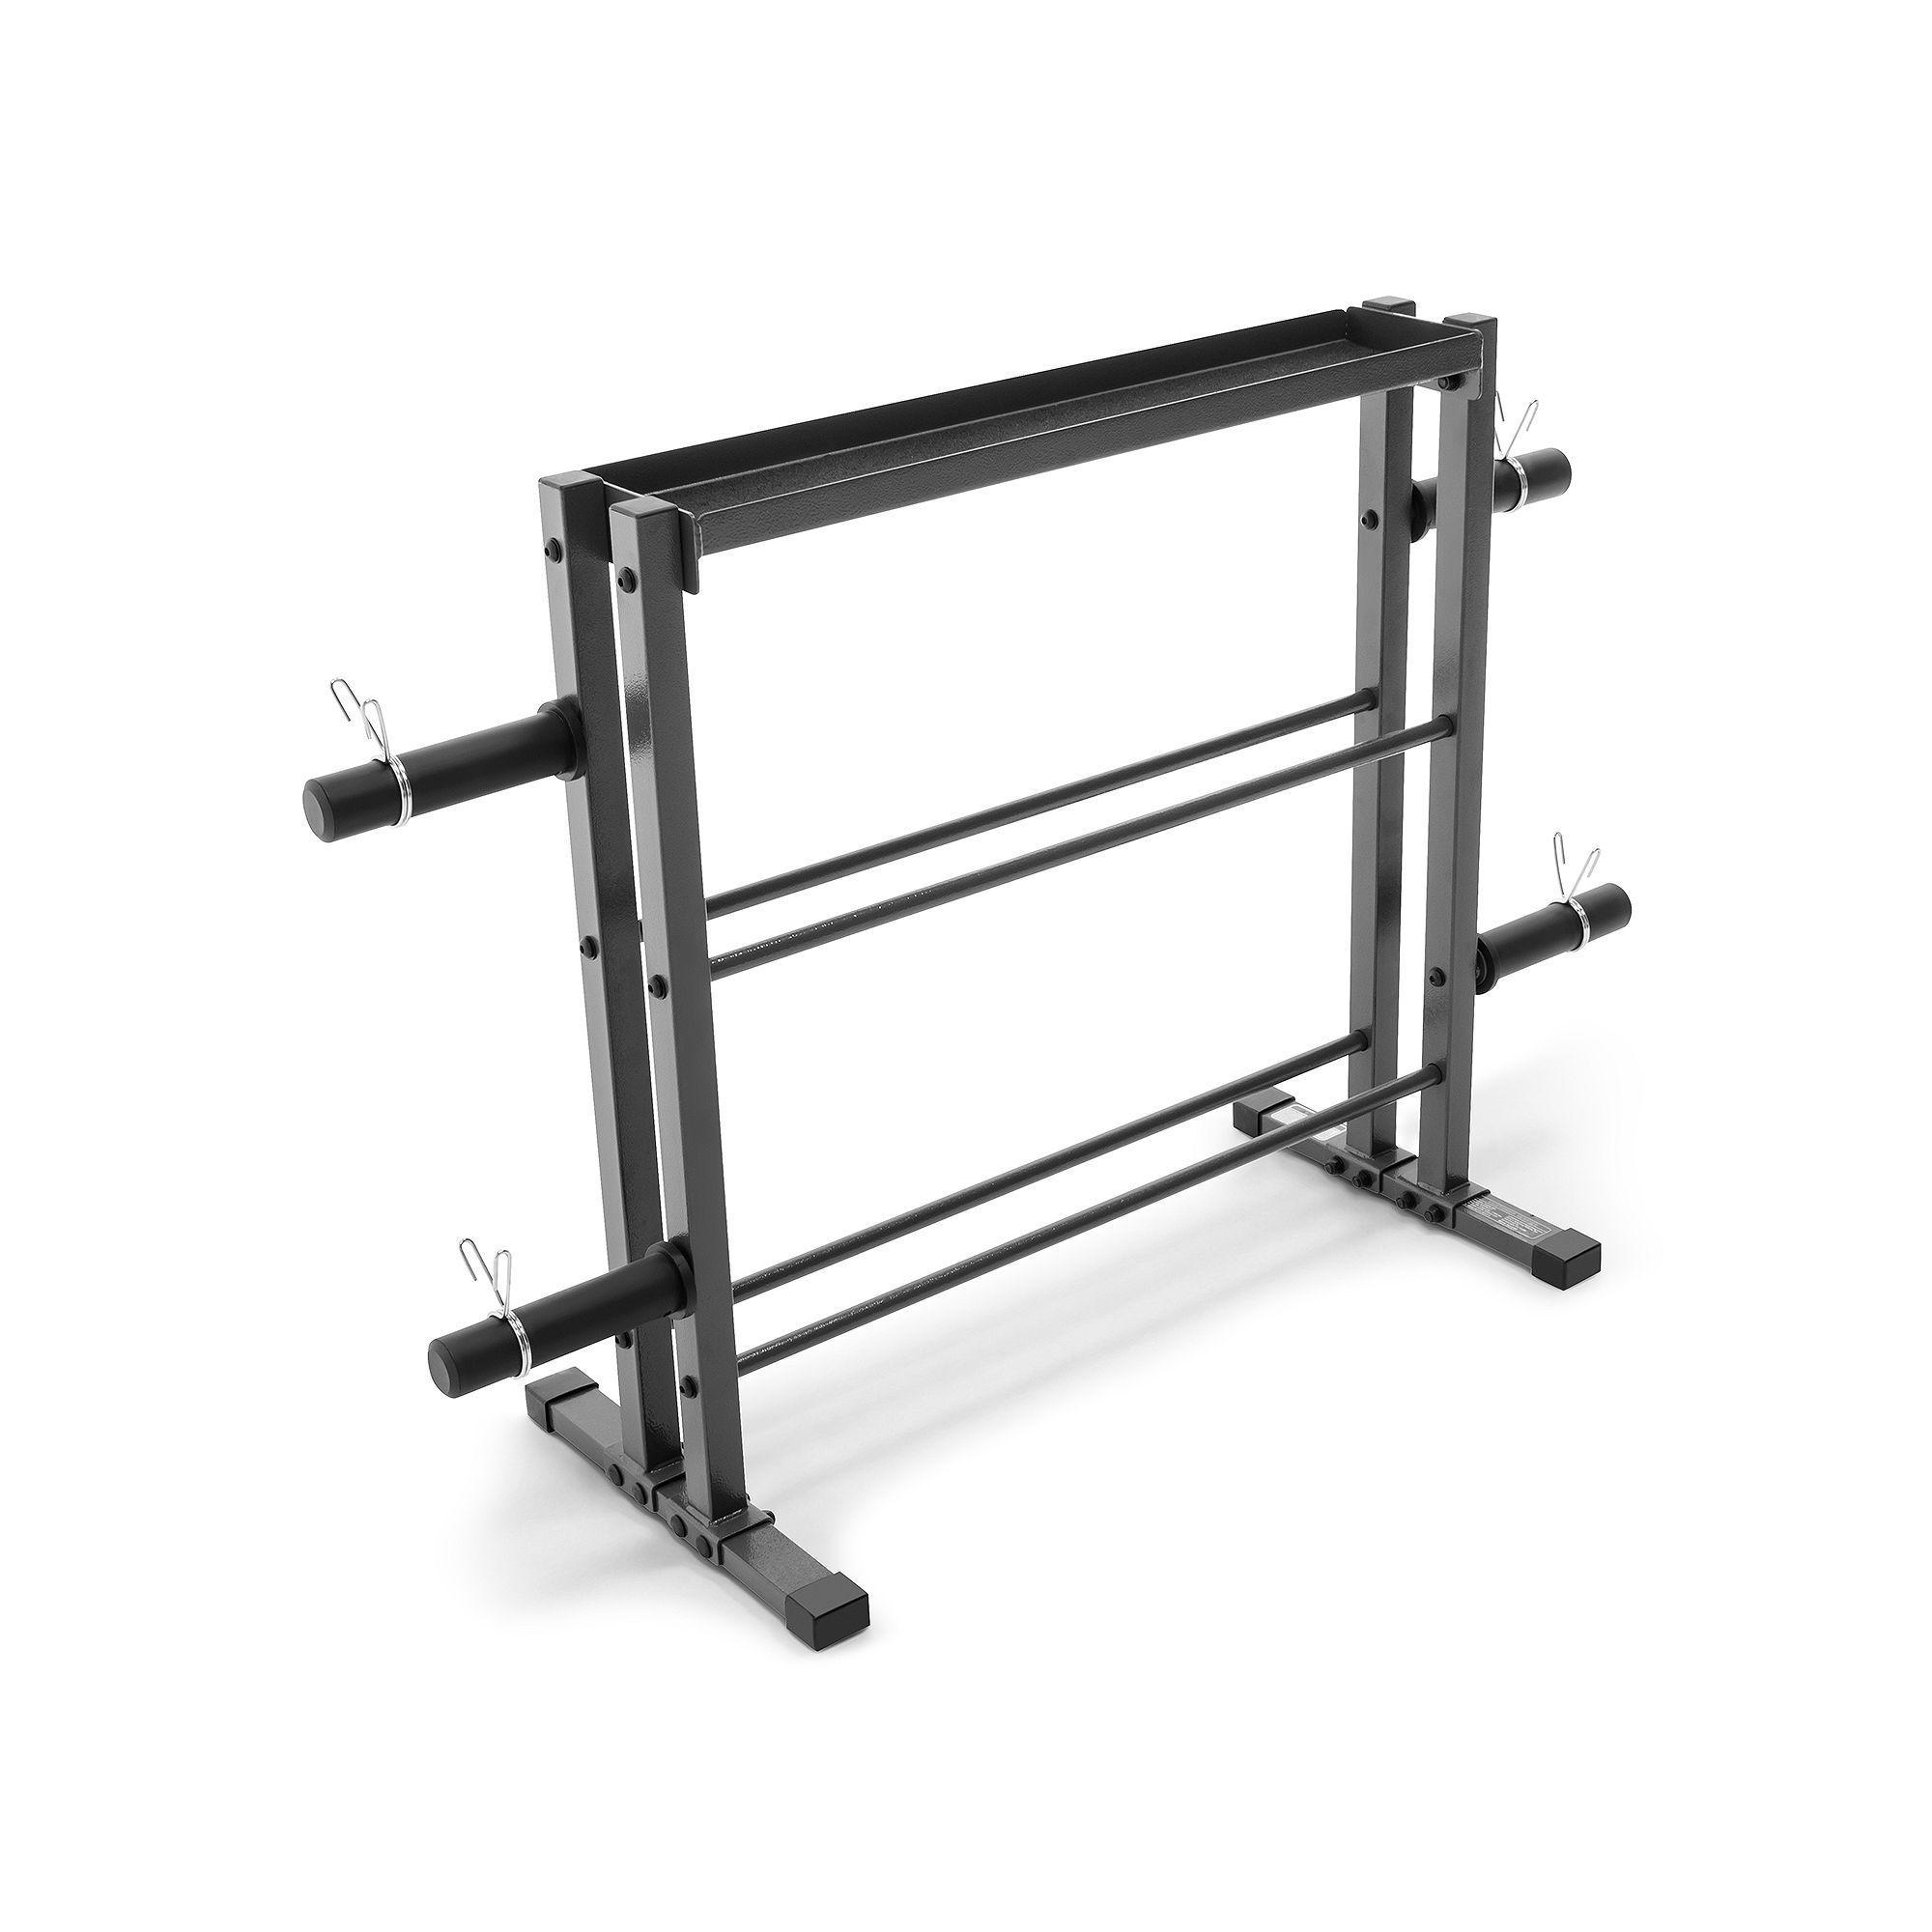 domyos storage weight by rack decathlon id